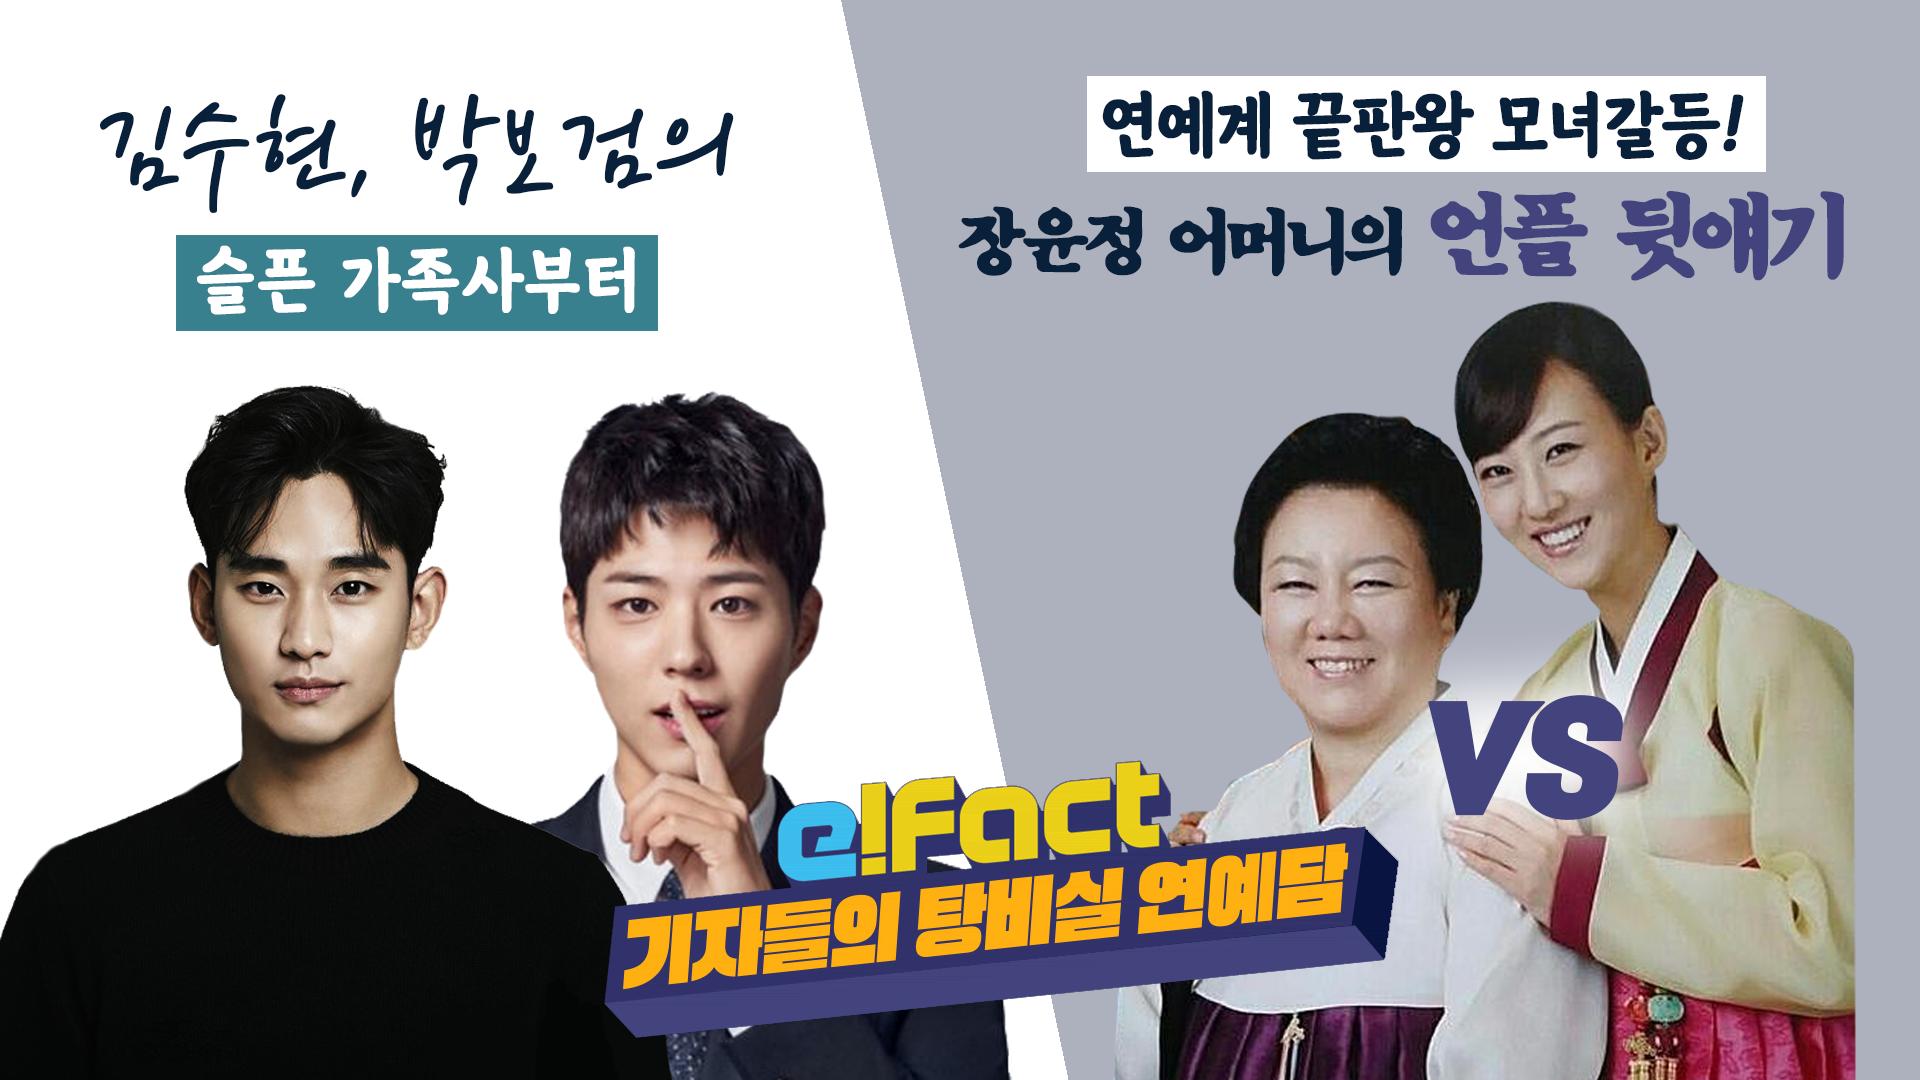 김수현, 박보검의 슬픈 가족사부터 연예계 끝판왕 모녀갈등! 장윤정 어머니의 언플 뒷얘기